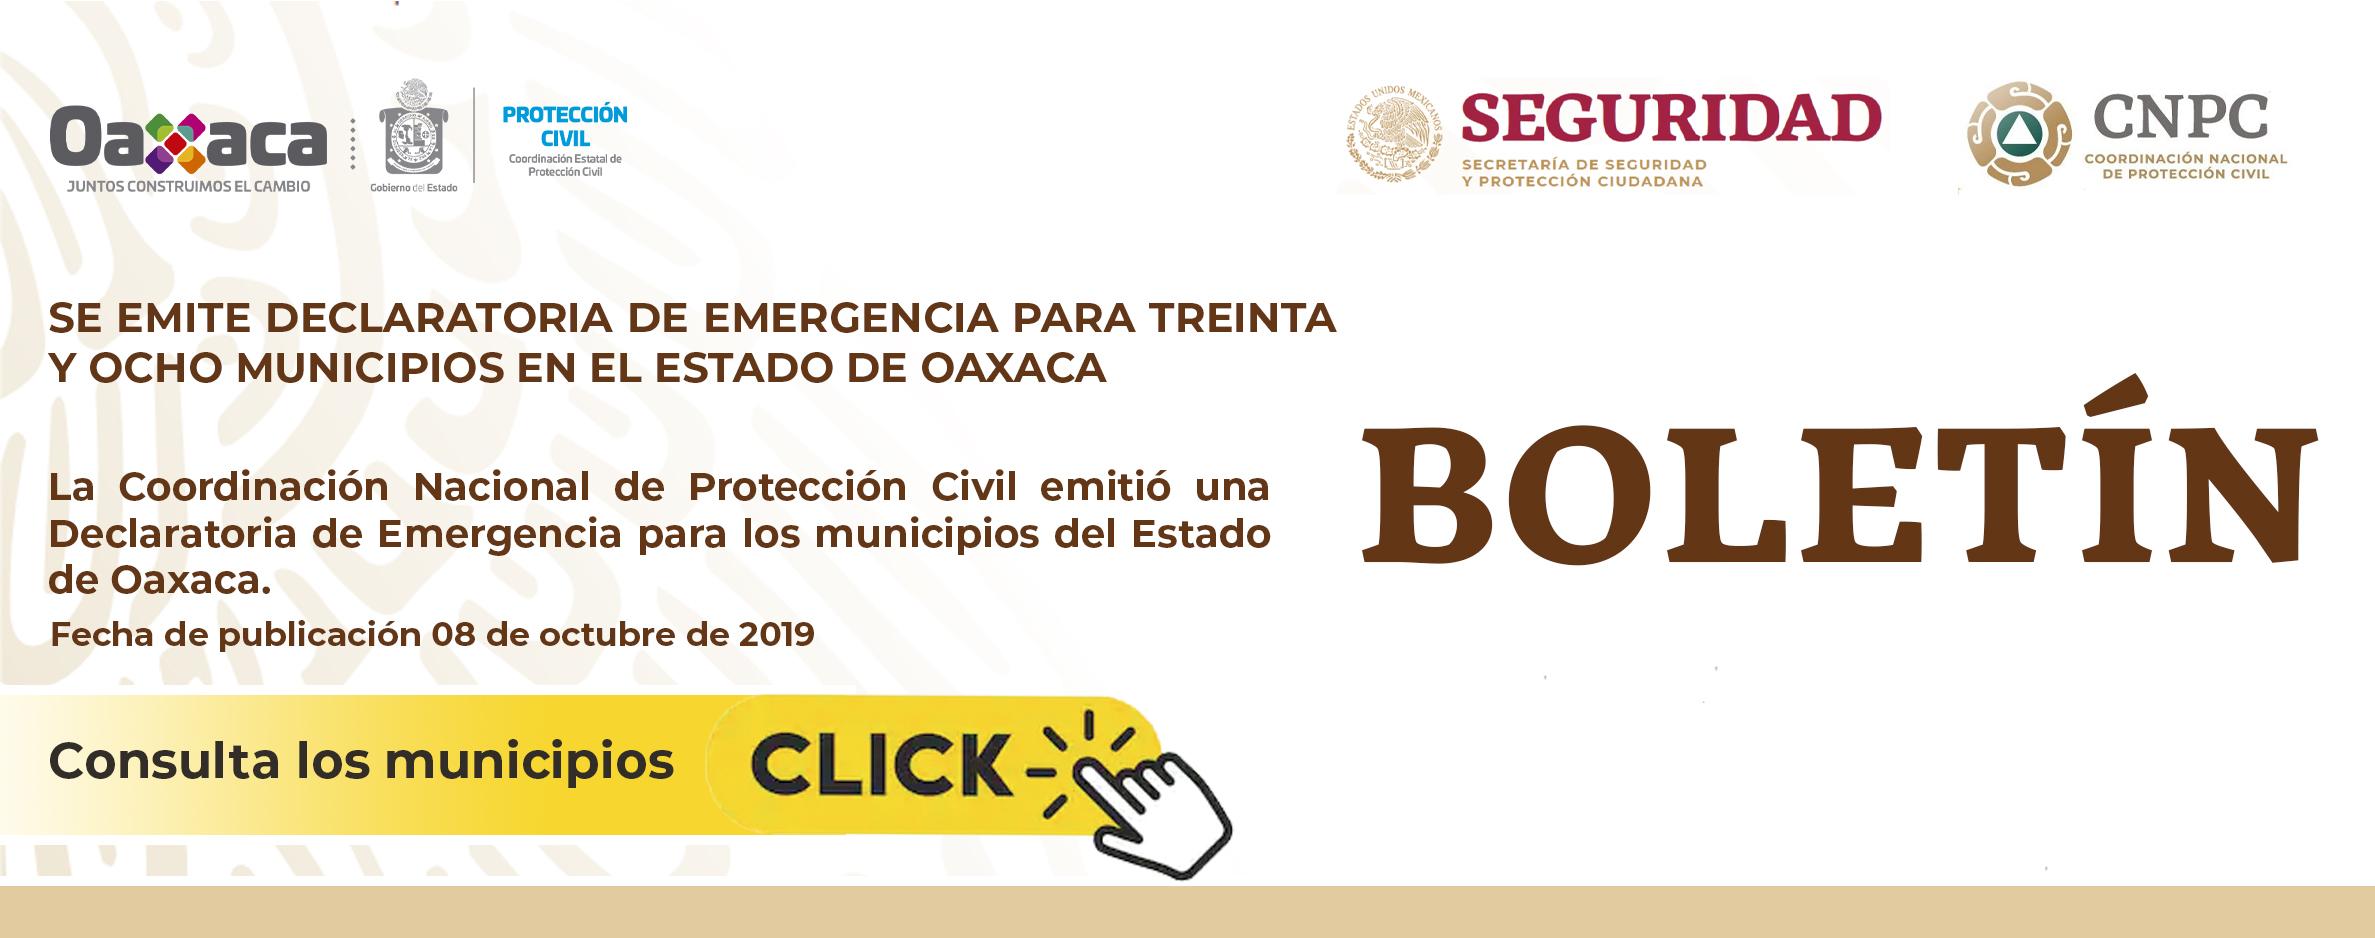 Boletín- Declaratoria de emergencia para treinta y ocho municipios en el estado de Oaxaca -LLUVIA SEVERA E INUNDACIÓN PLUVIAL Y FLUVIAL NARDA